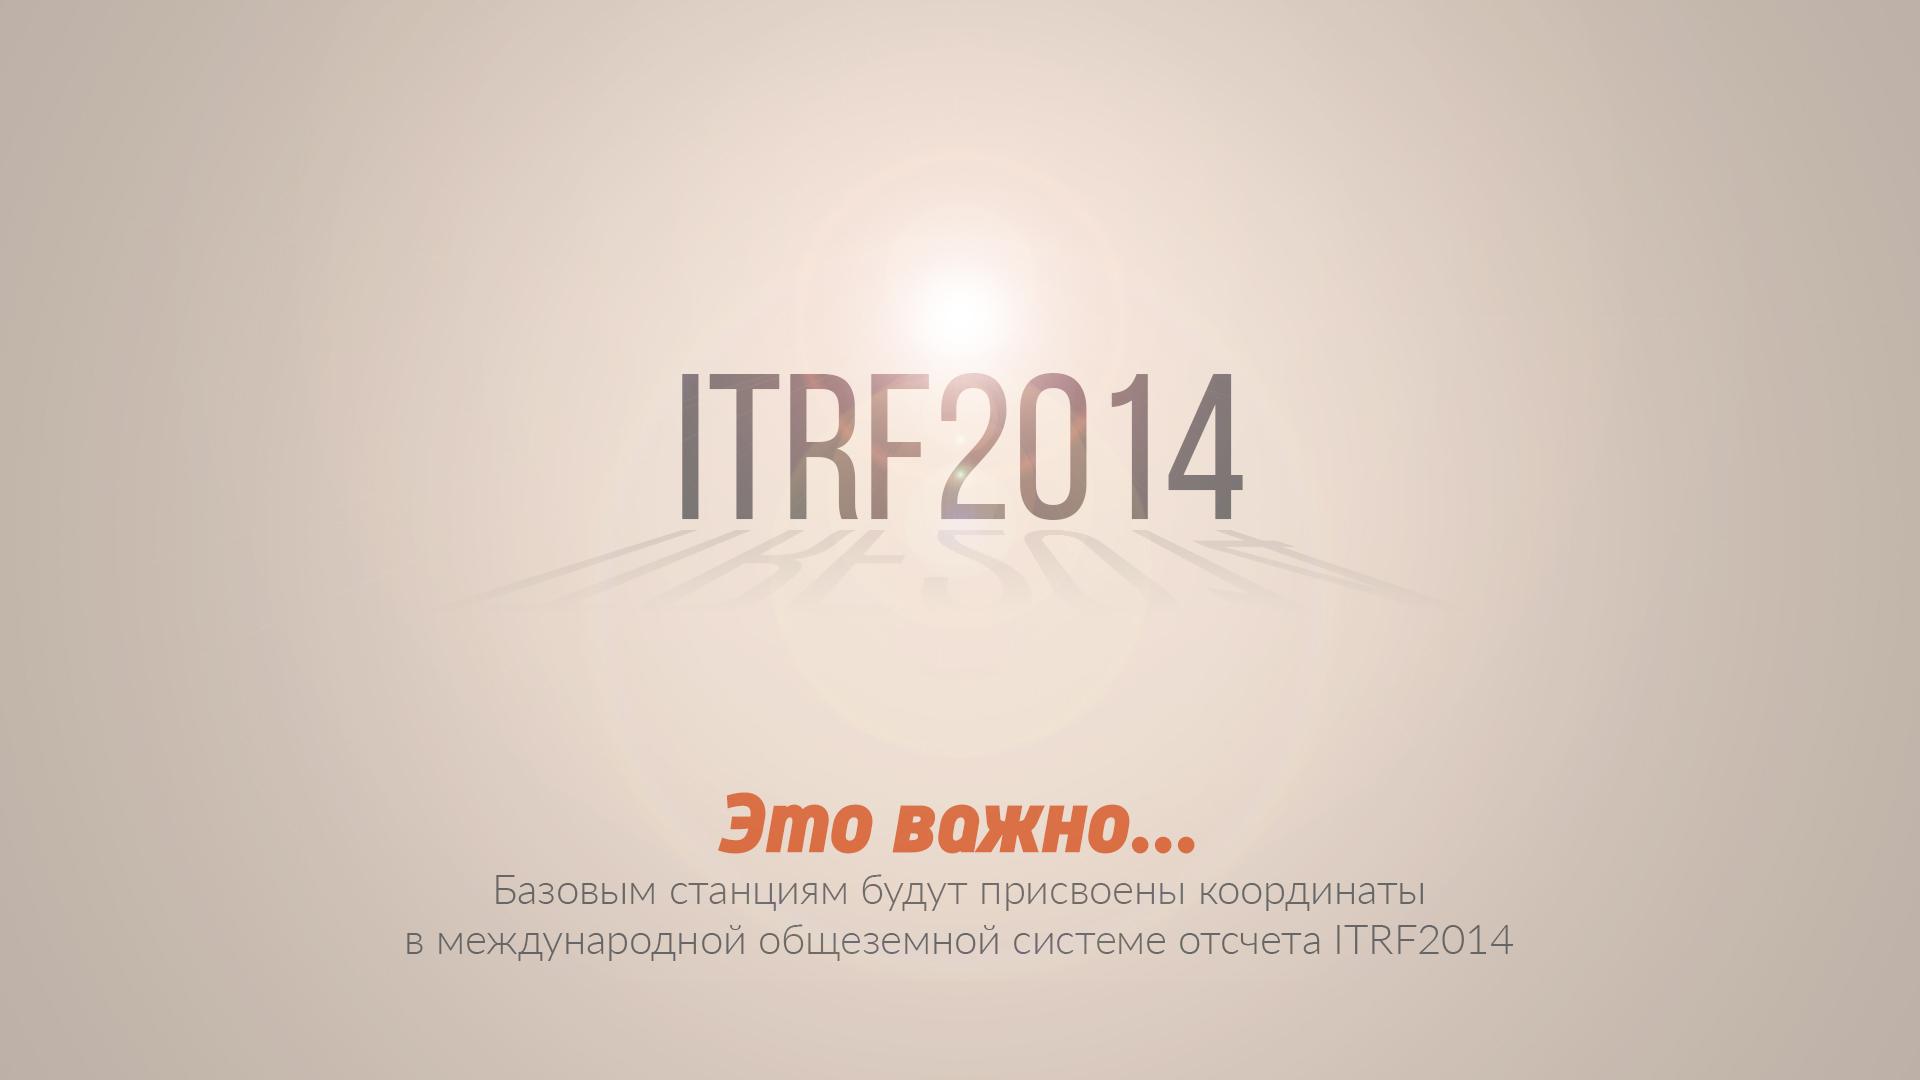 ITRF2014 2